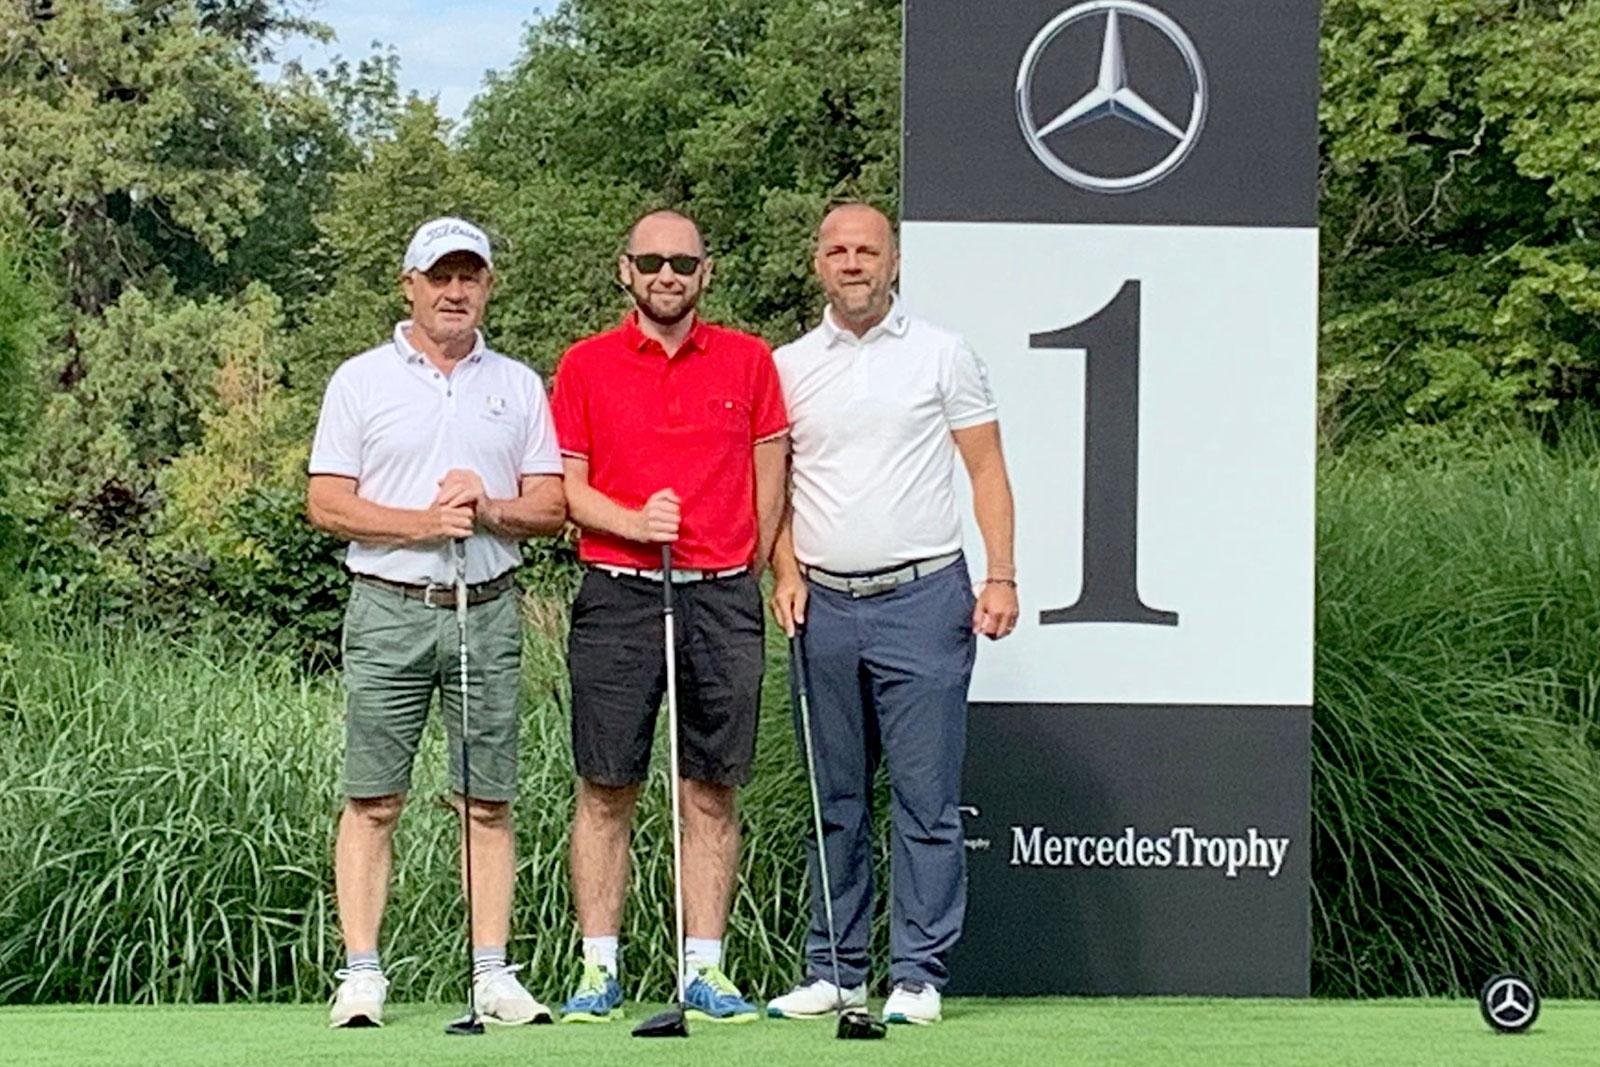 MercedesTrophy 2019